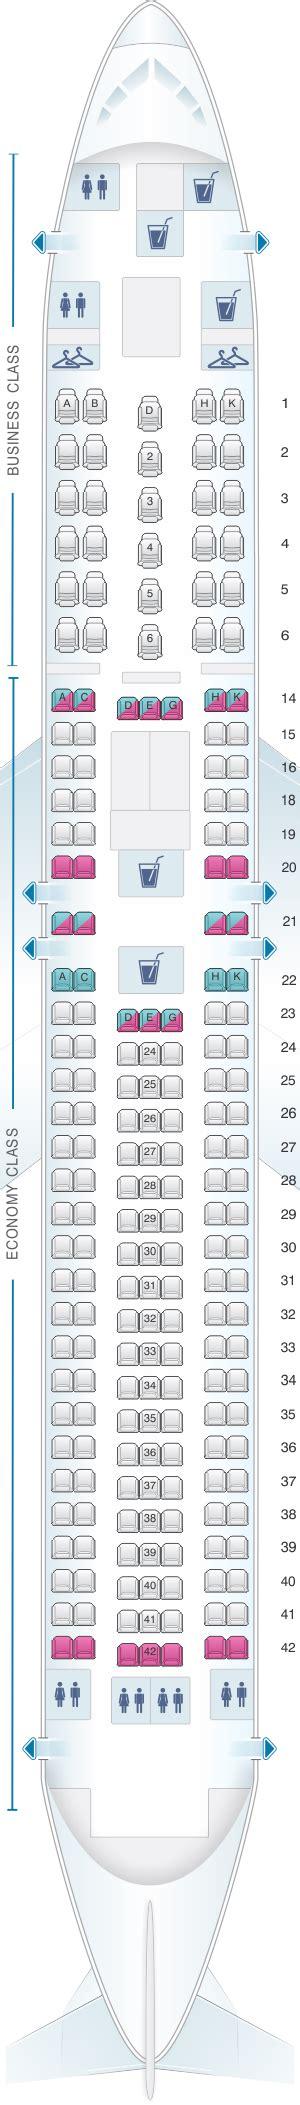 plan si es boeing 777 300er air mapa de asientos latam airlines brasil boeing b767 300er